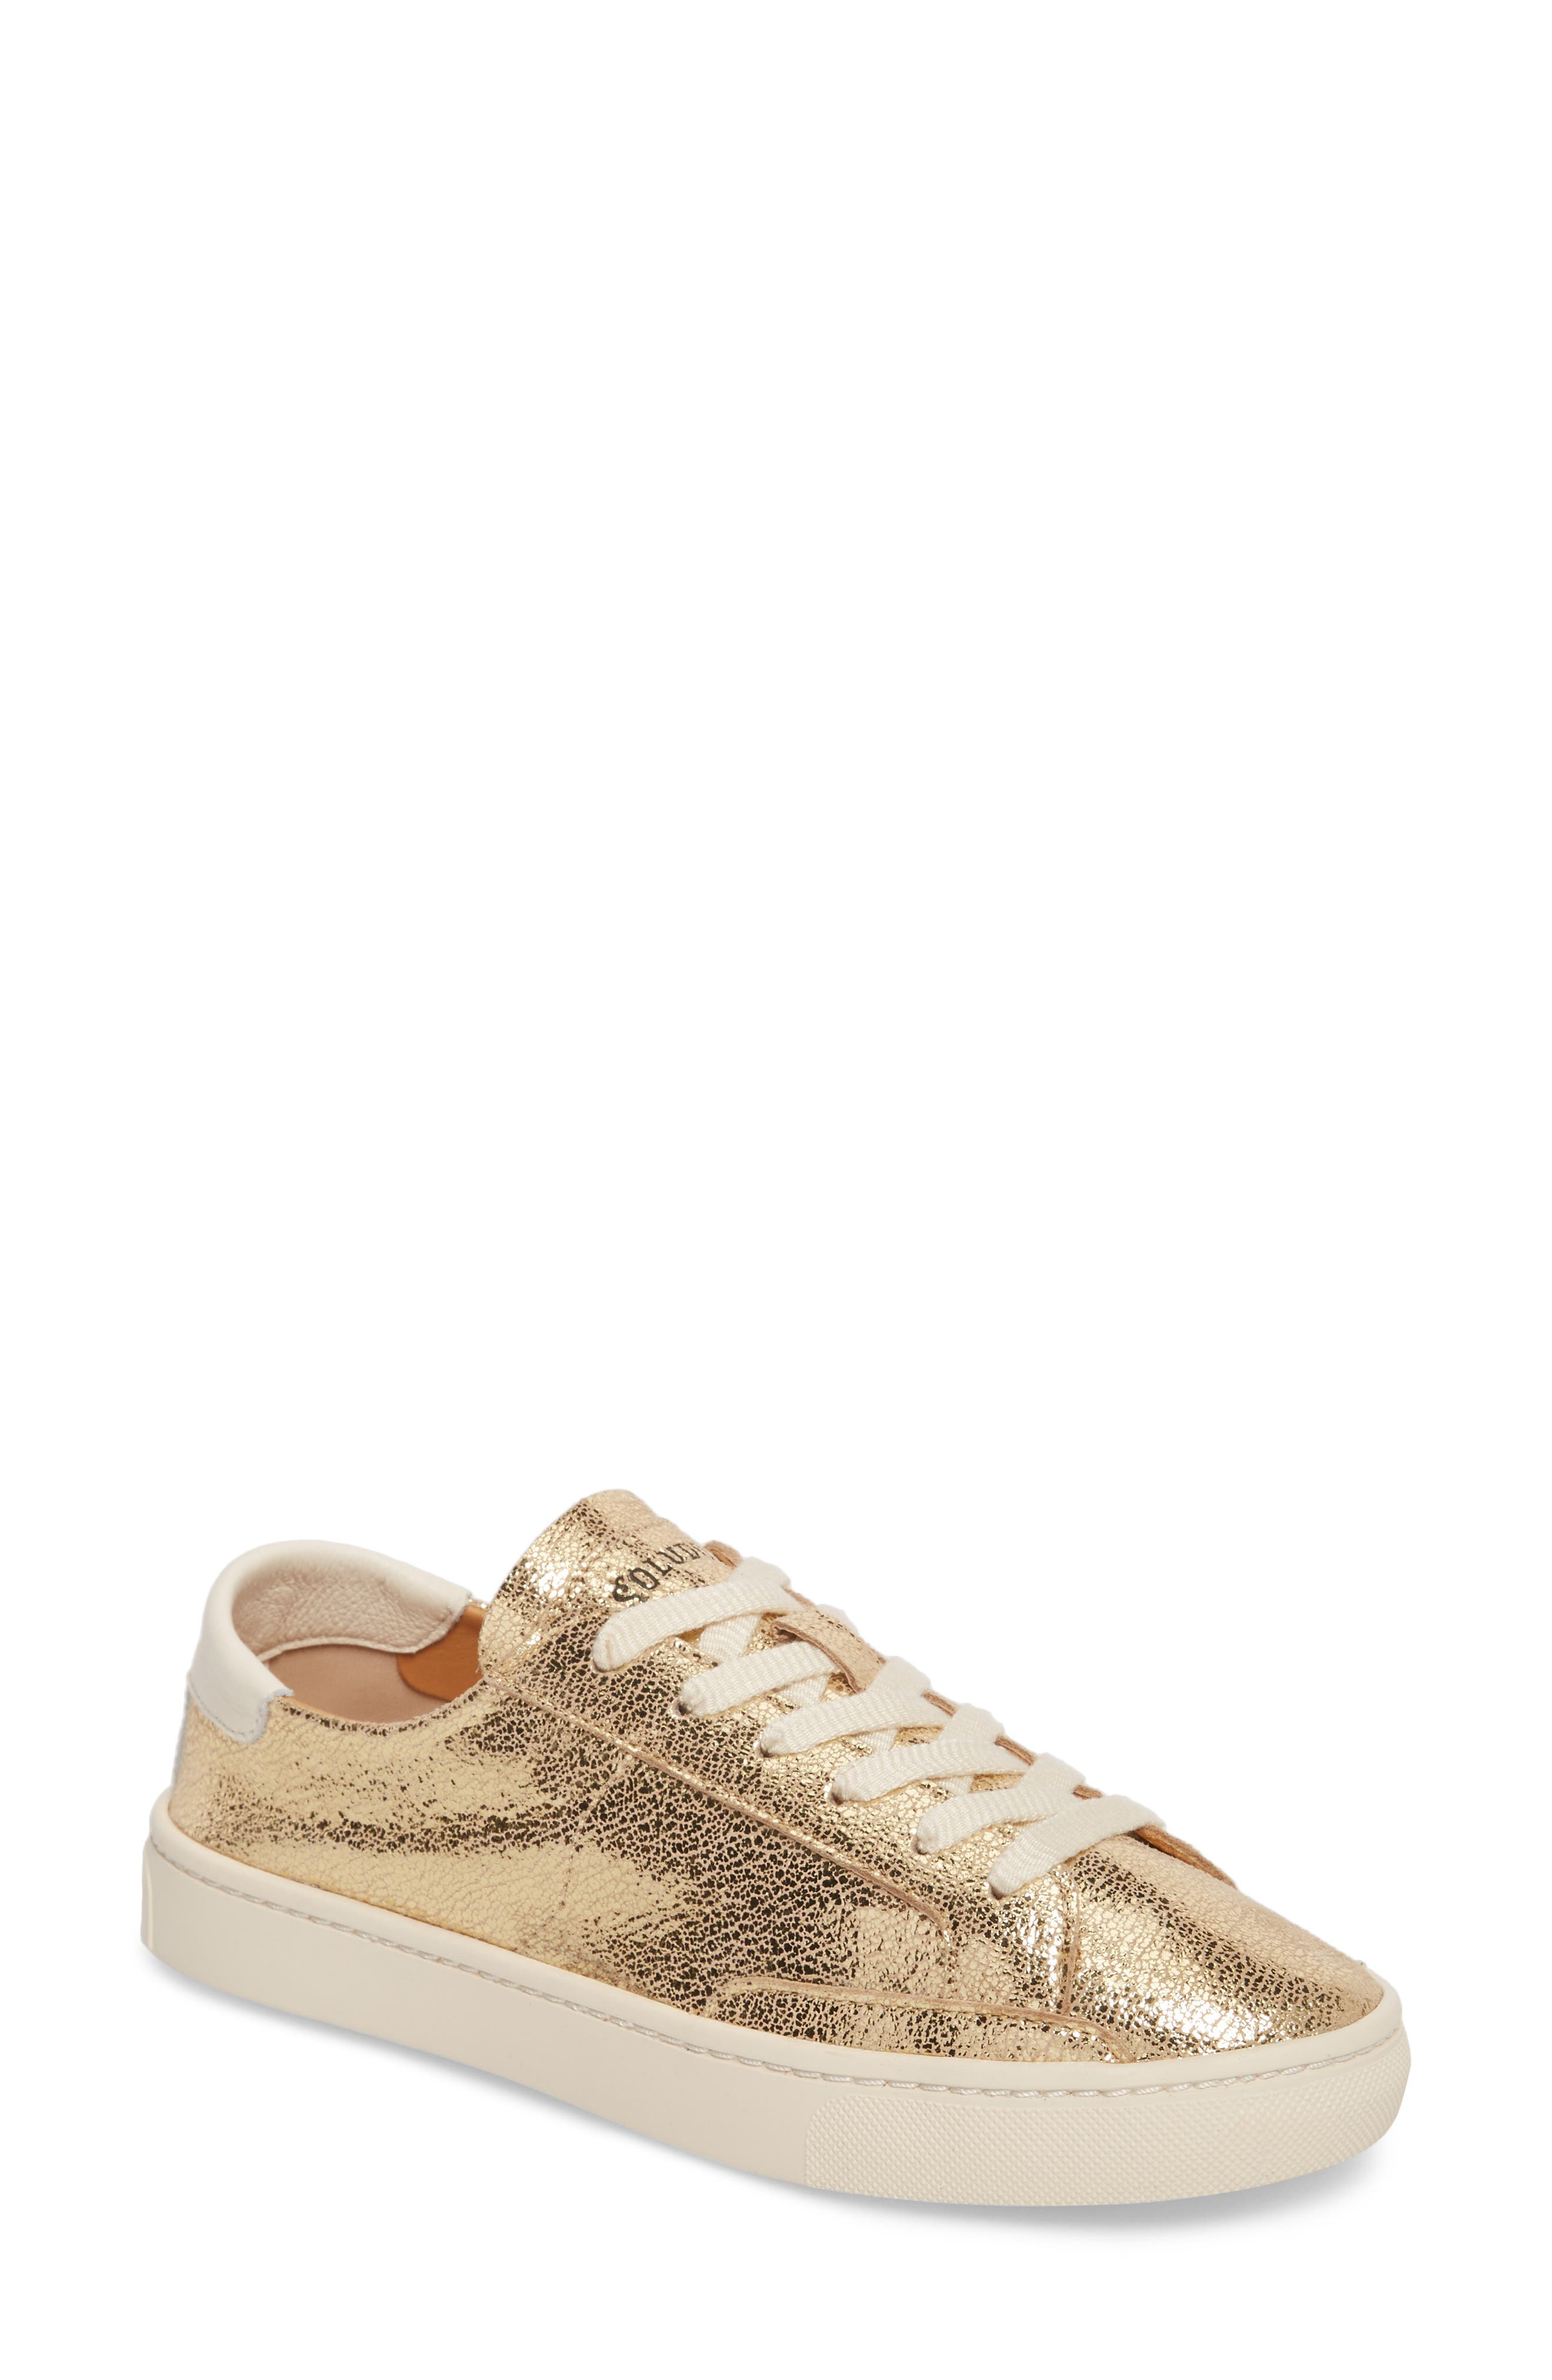 Main Image - Soludos Ibiza Metallic Lace-Up Sneaker (Women)